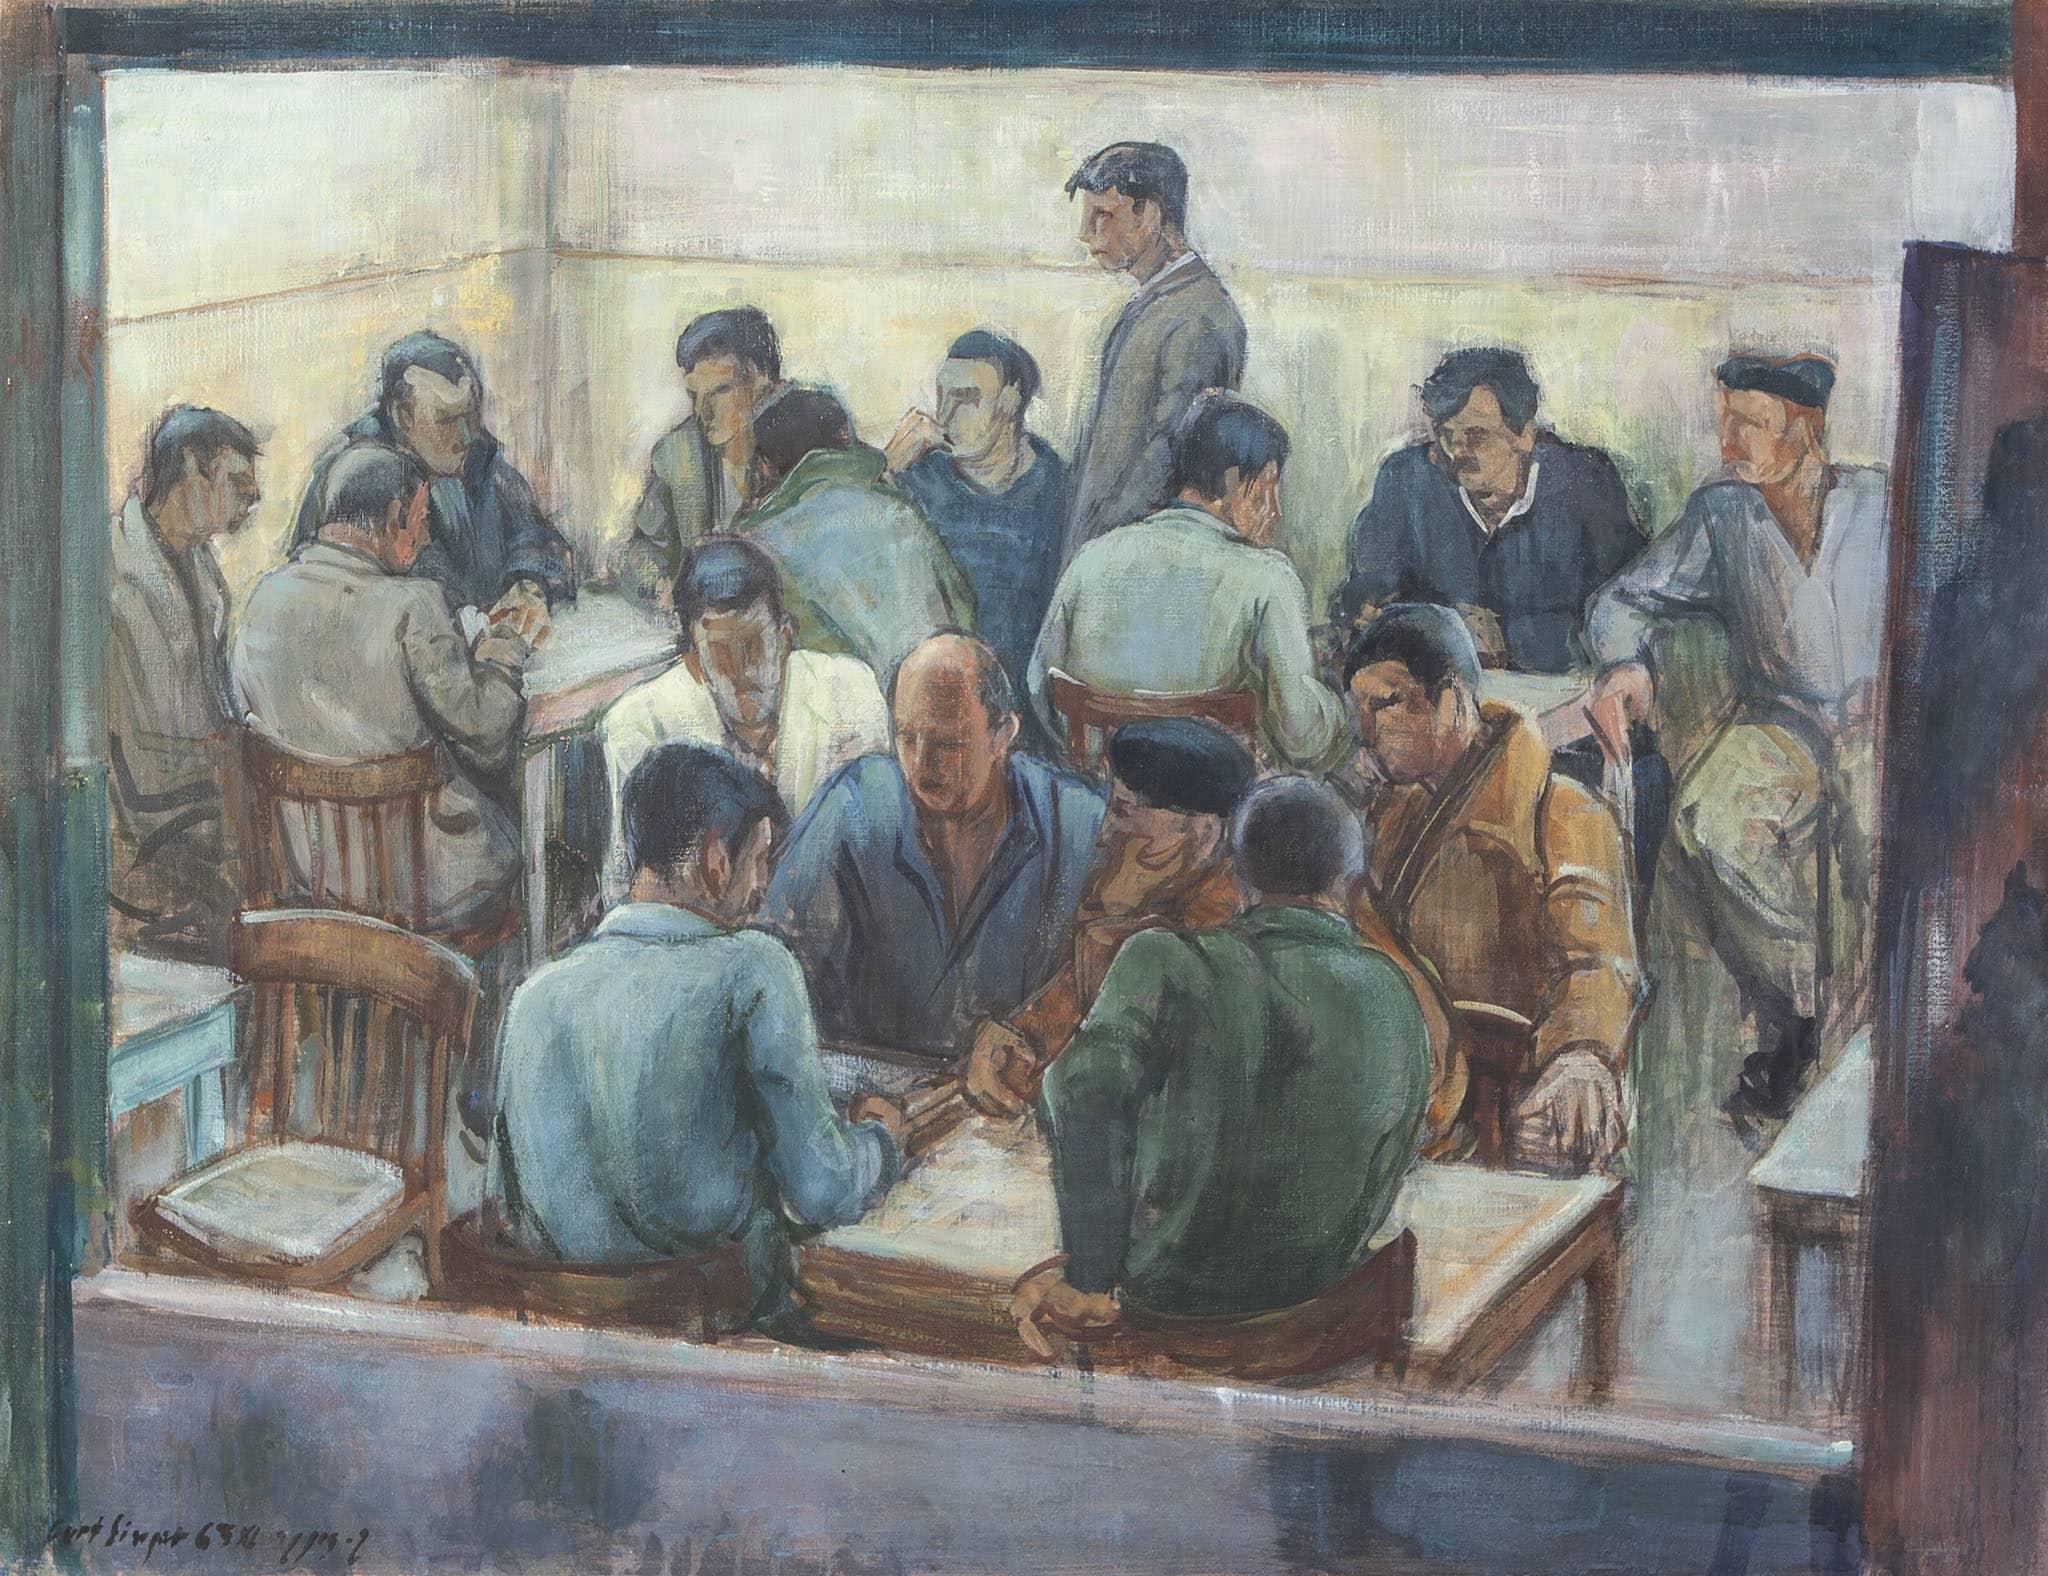 """קורט זינגר, """"דמויות בבית הקפה"""", 1963, שמן על בד, 75x56 ס""""מ"""